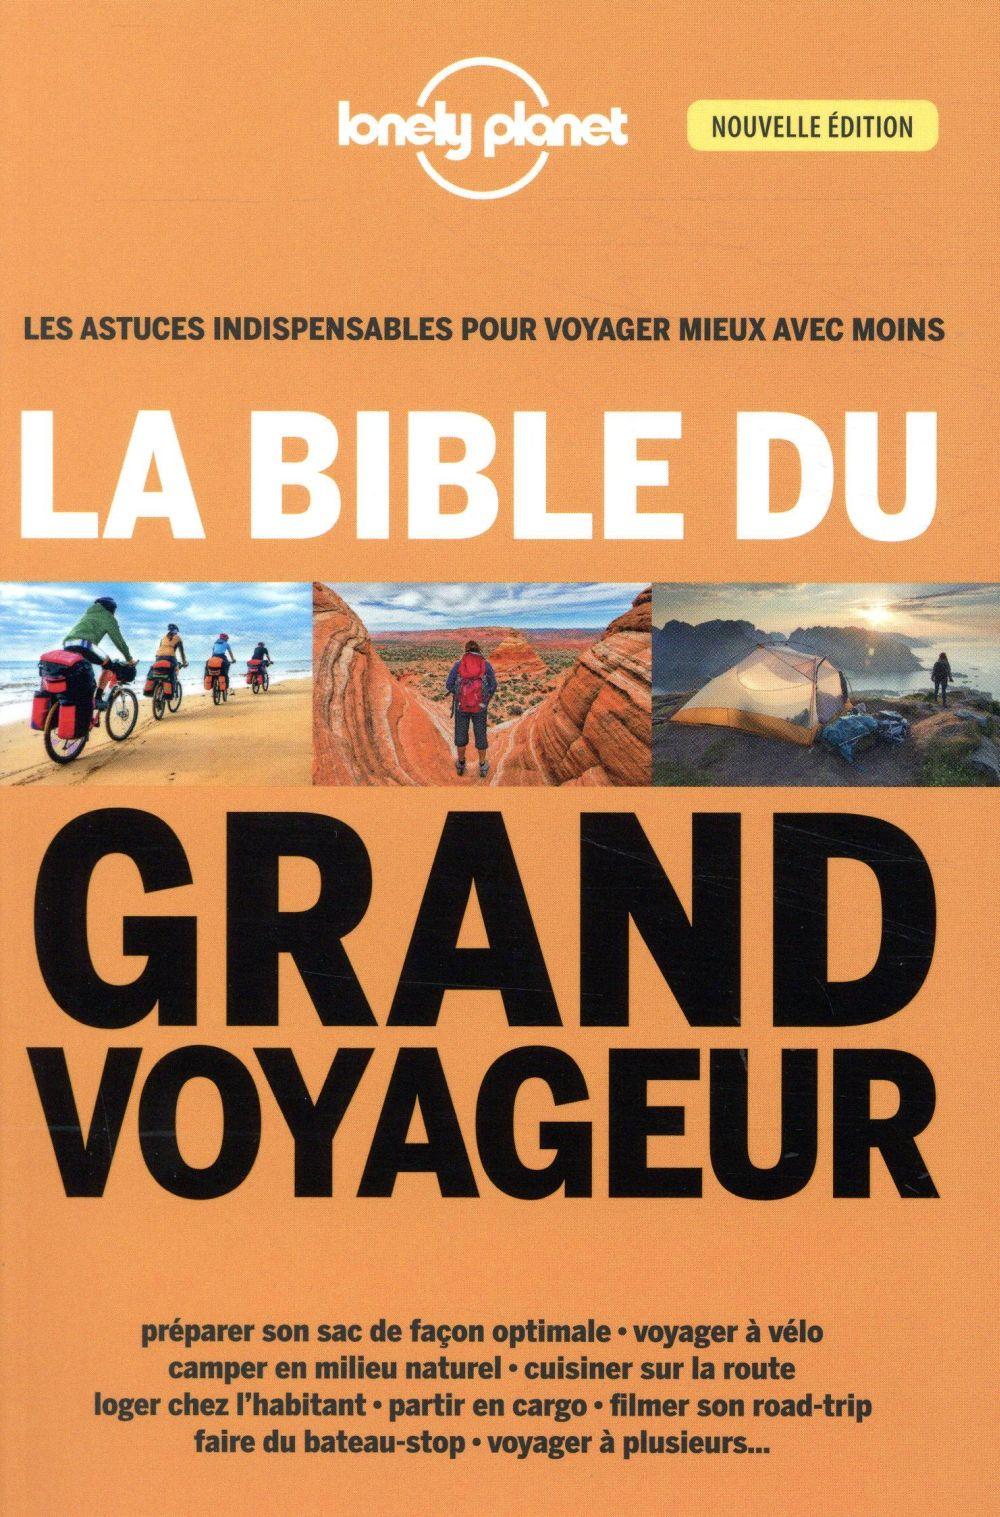 LA BIBLE DU GRAND VOYAGEUR 4ED COLLECTIF LONELY PLANET